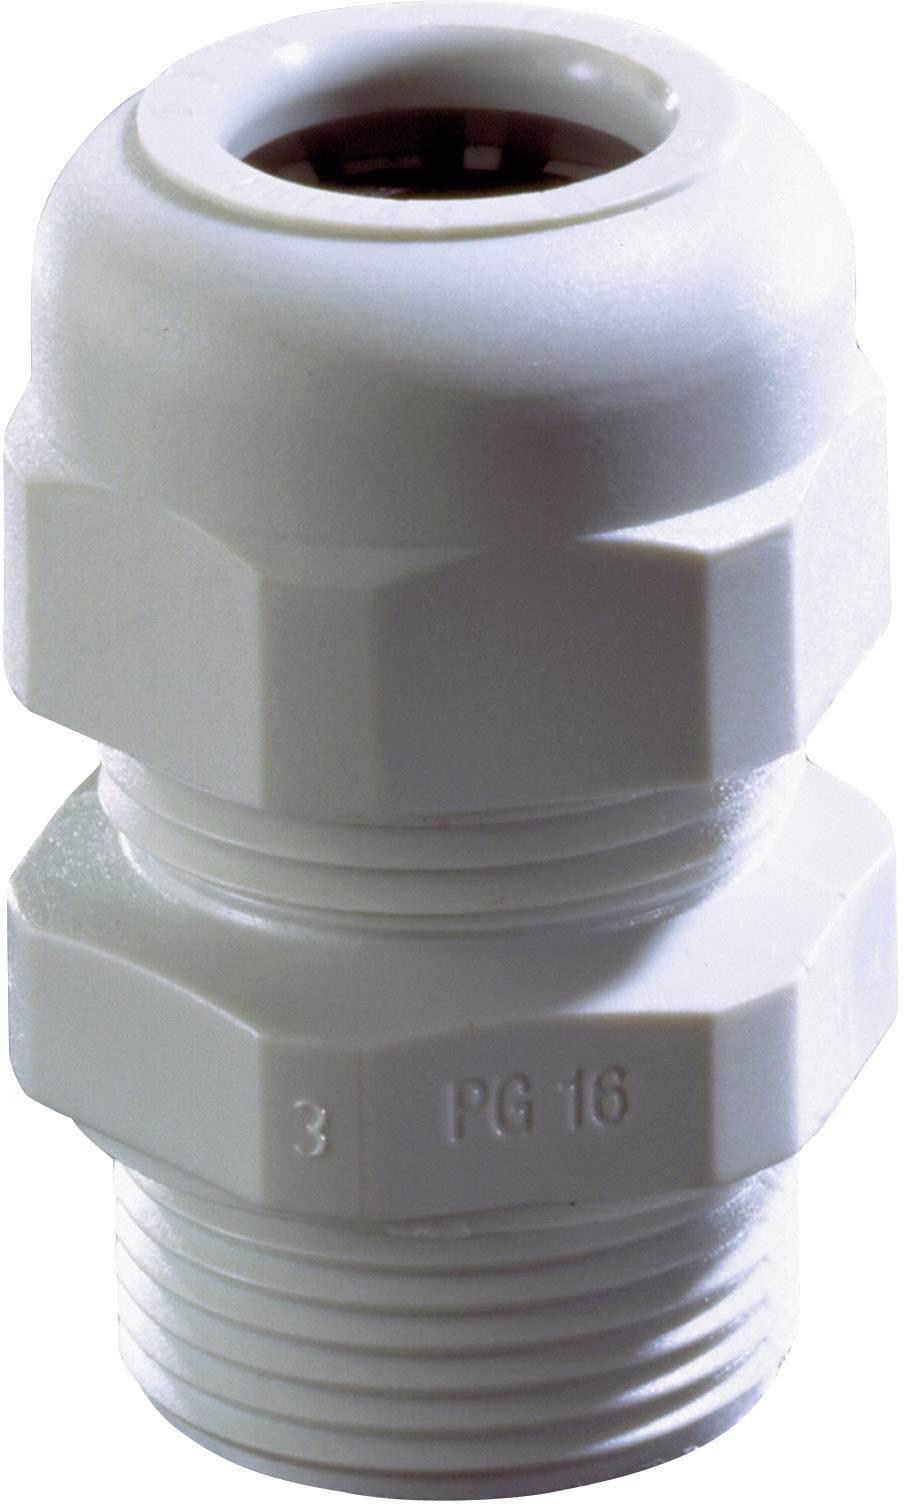 Káblová priechodka Wiska SKV PG 21 RAL 9005, polyamid, čierna, 1 ks